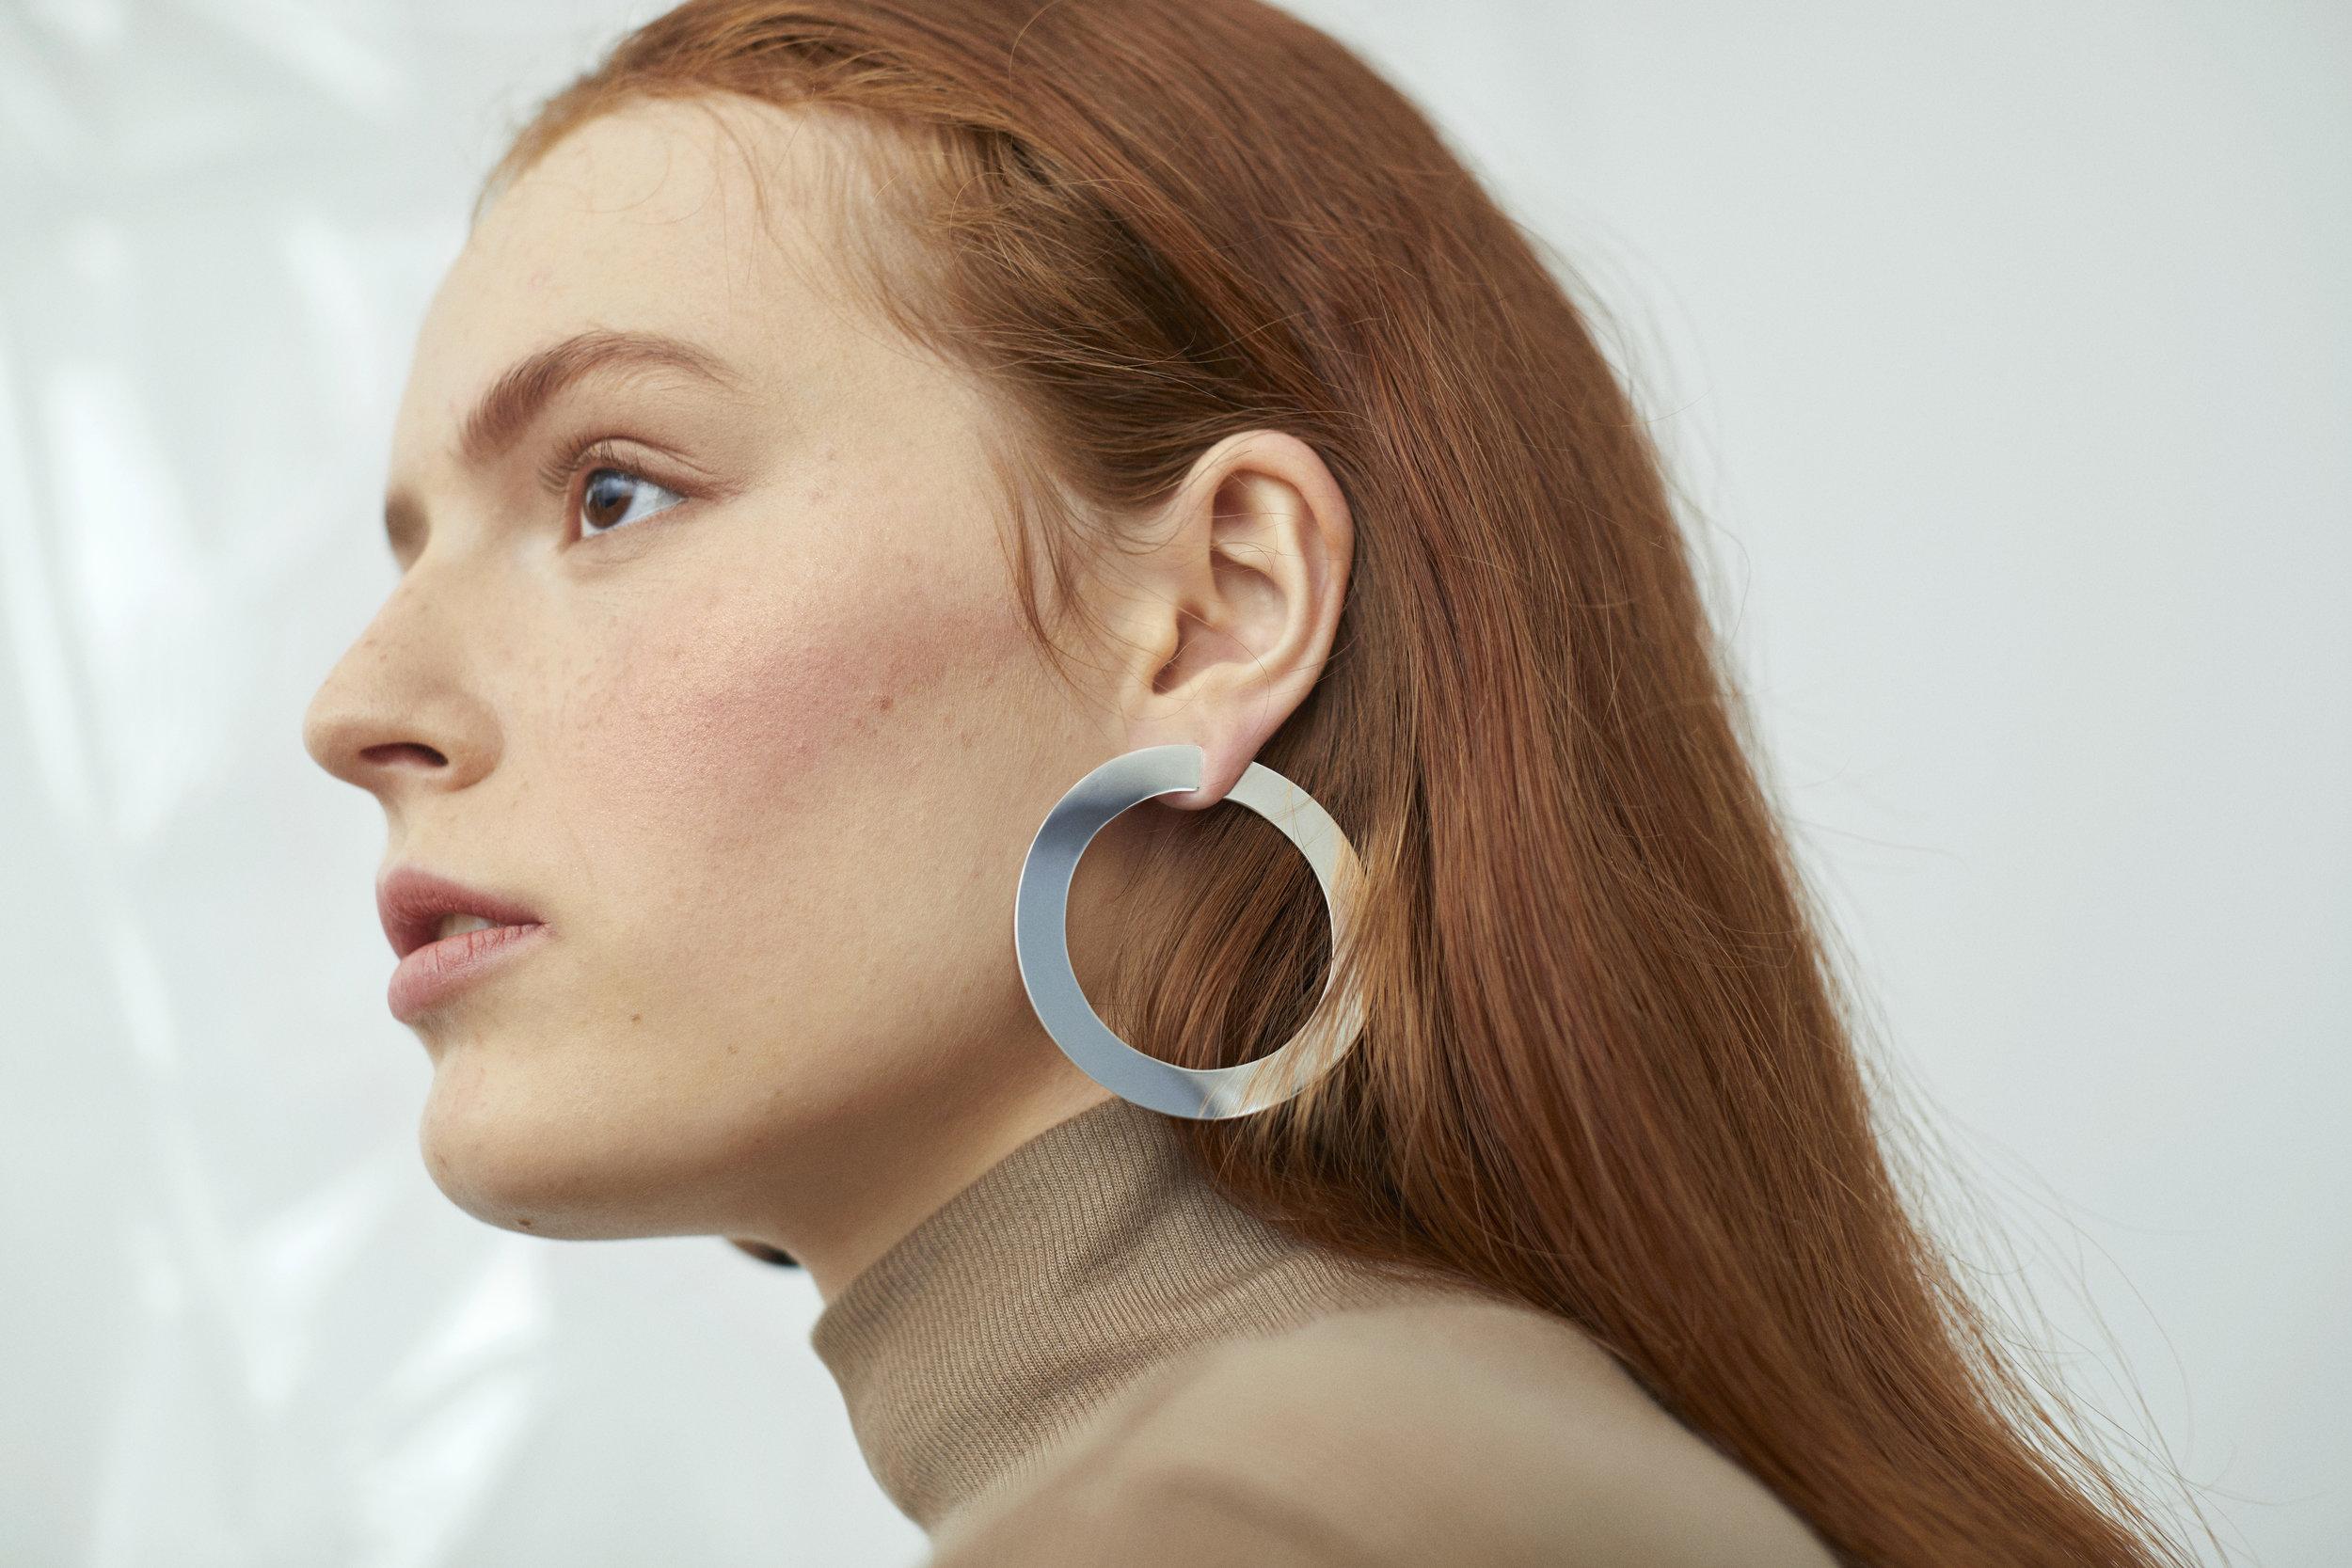 ▲ OCTAVE earrings